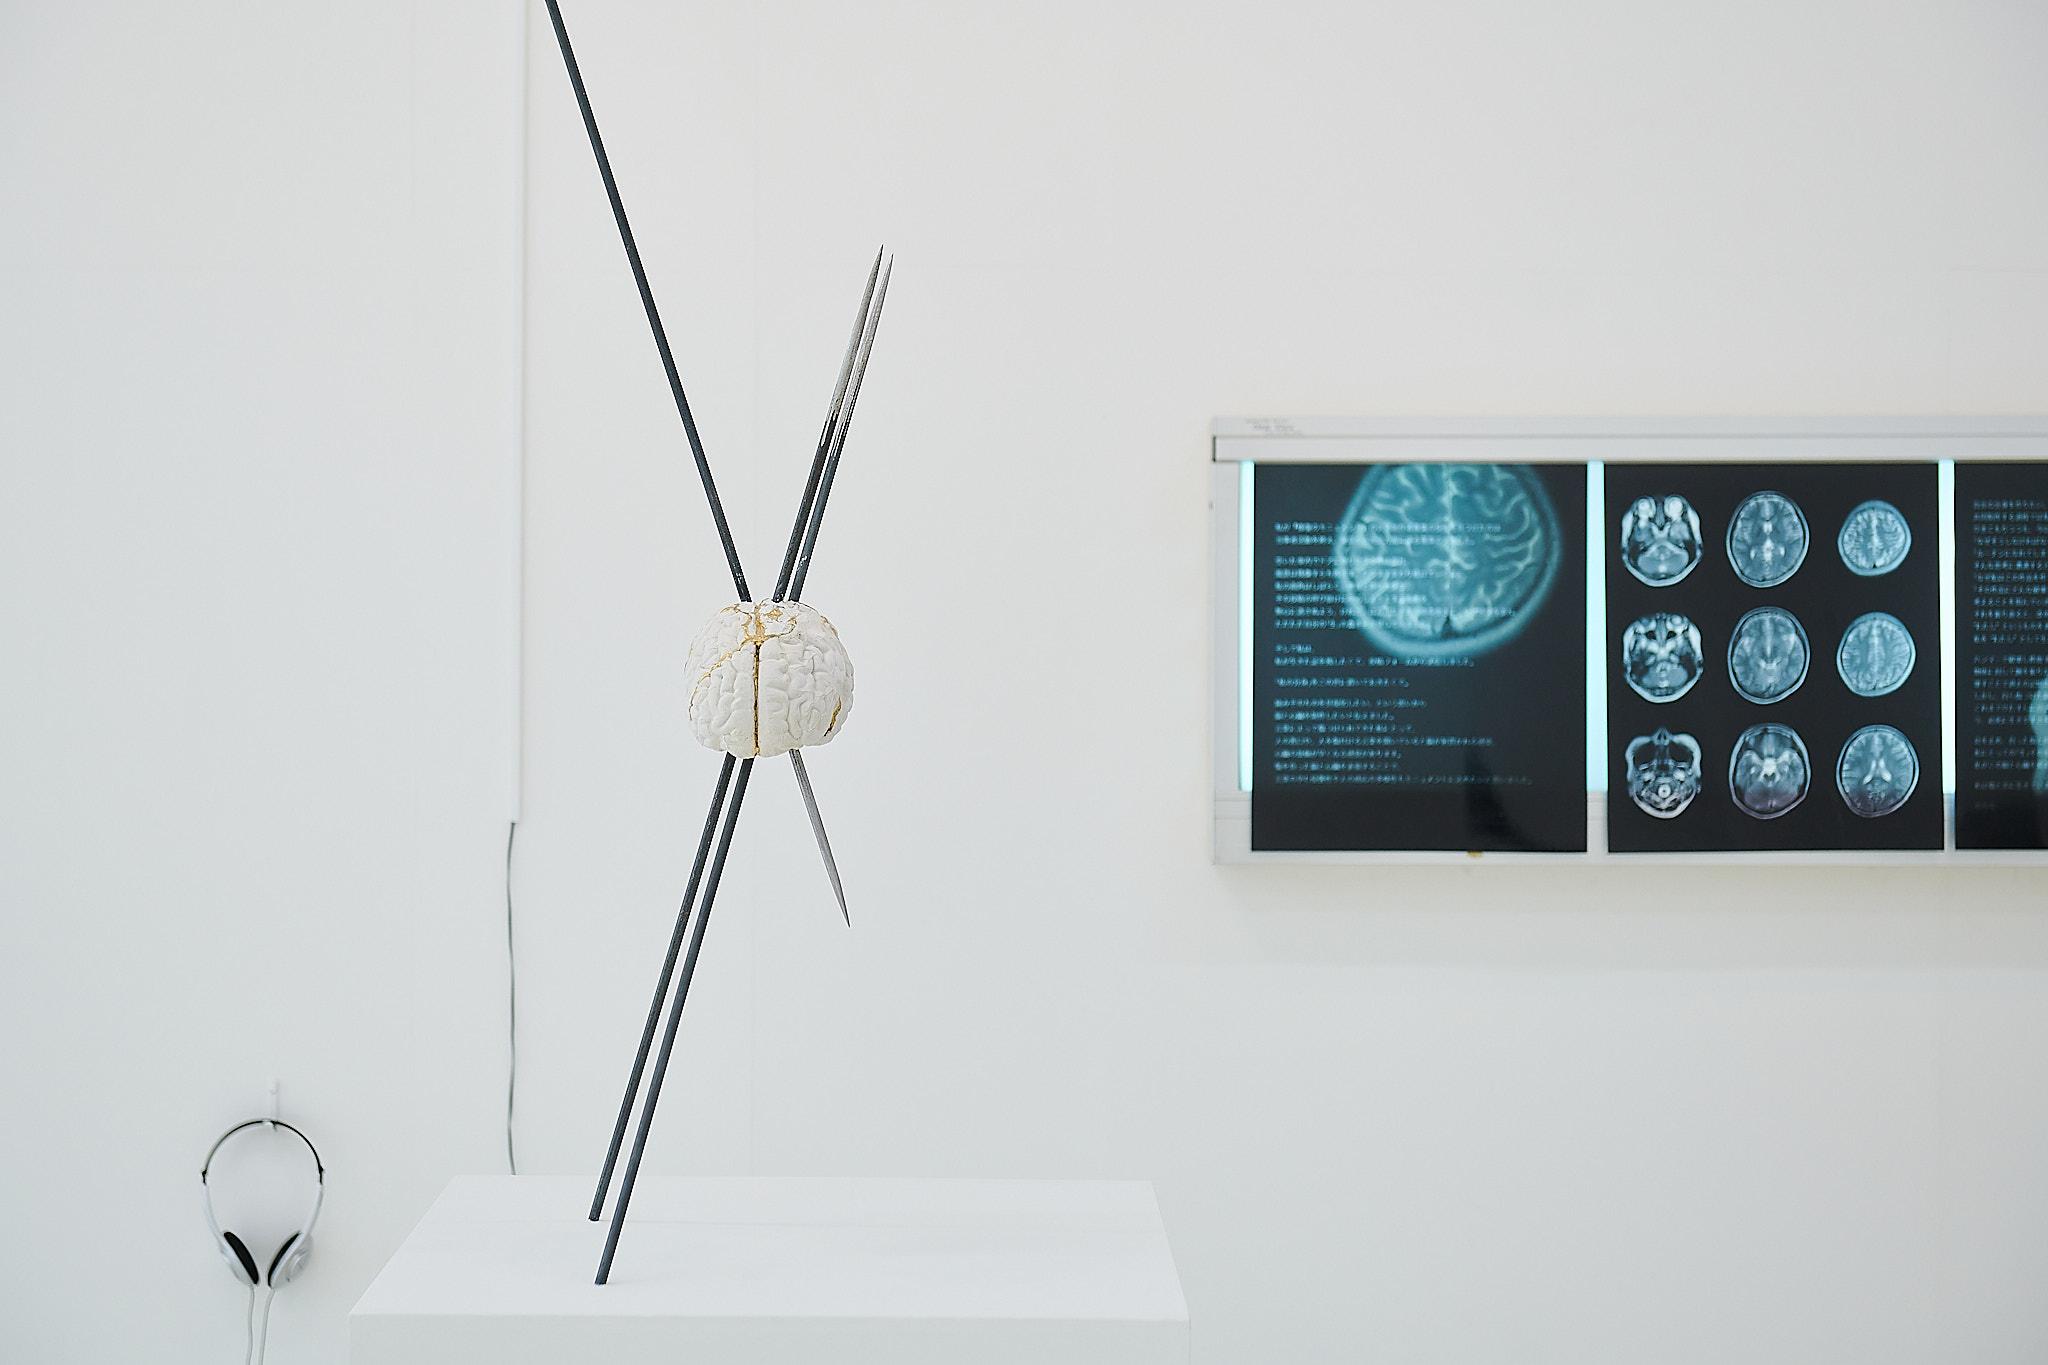 《修復のモニュメント「脳と心臓」》  2020年 ©Atsushi Watanabe 2020 ©Yurina2020/共同制作: ゆりな  撮影: 井上圭佑